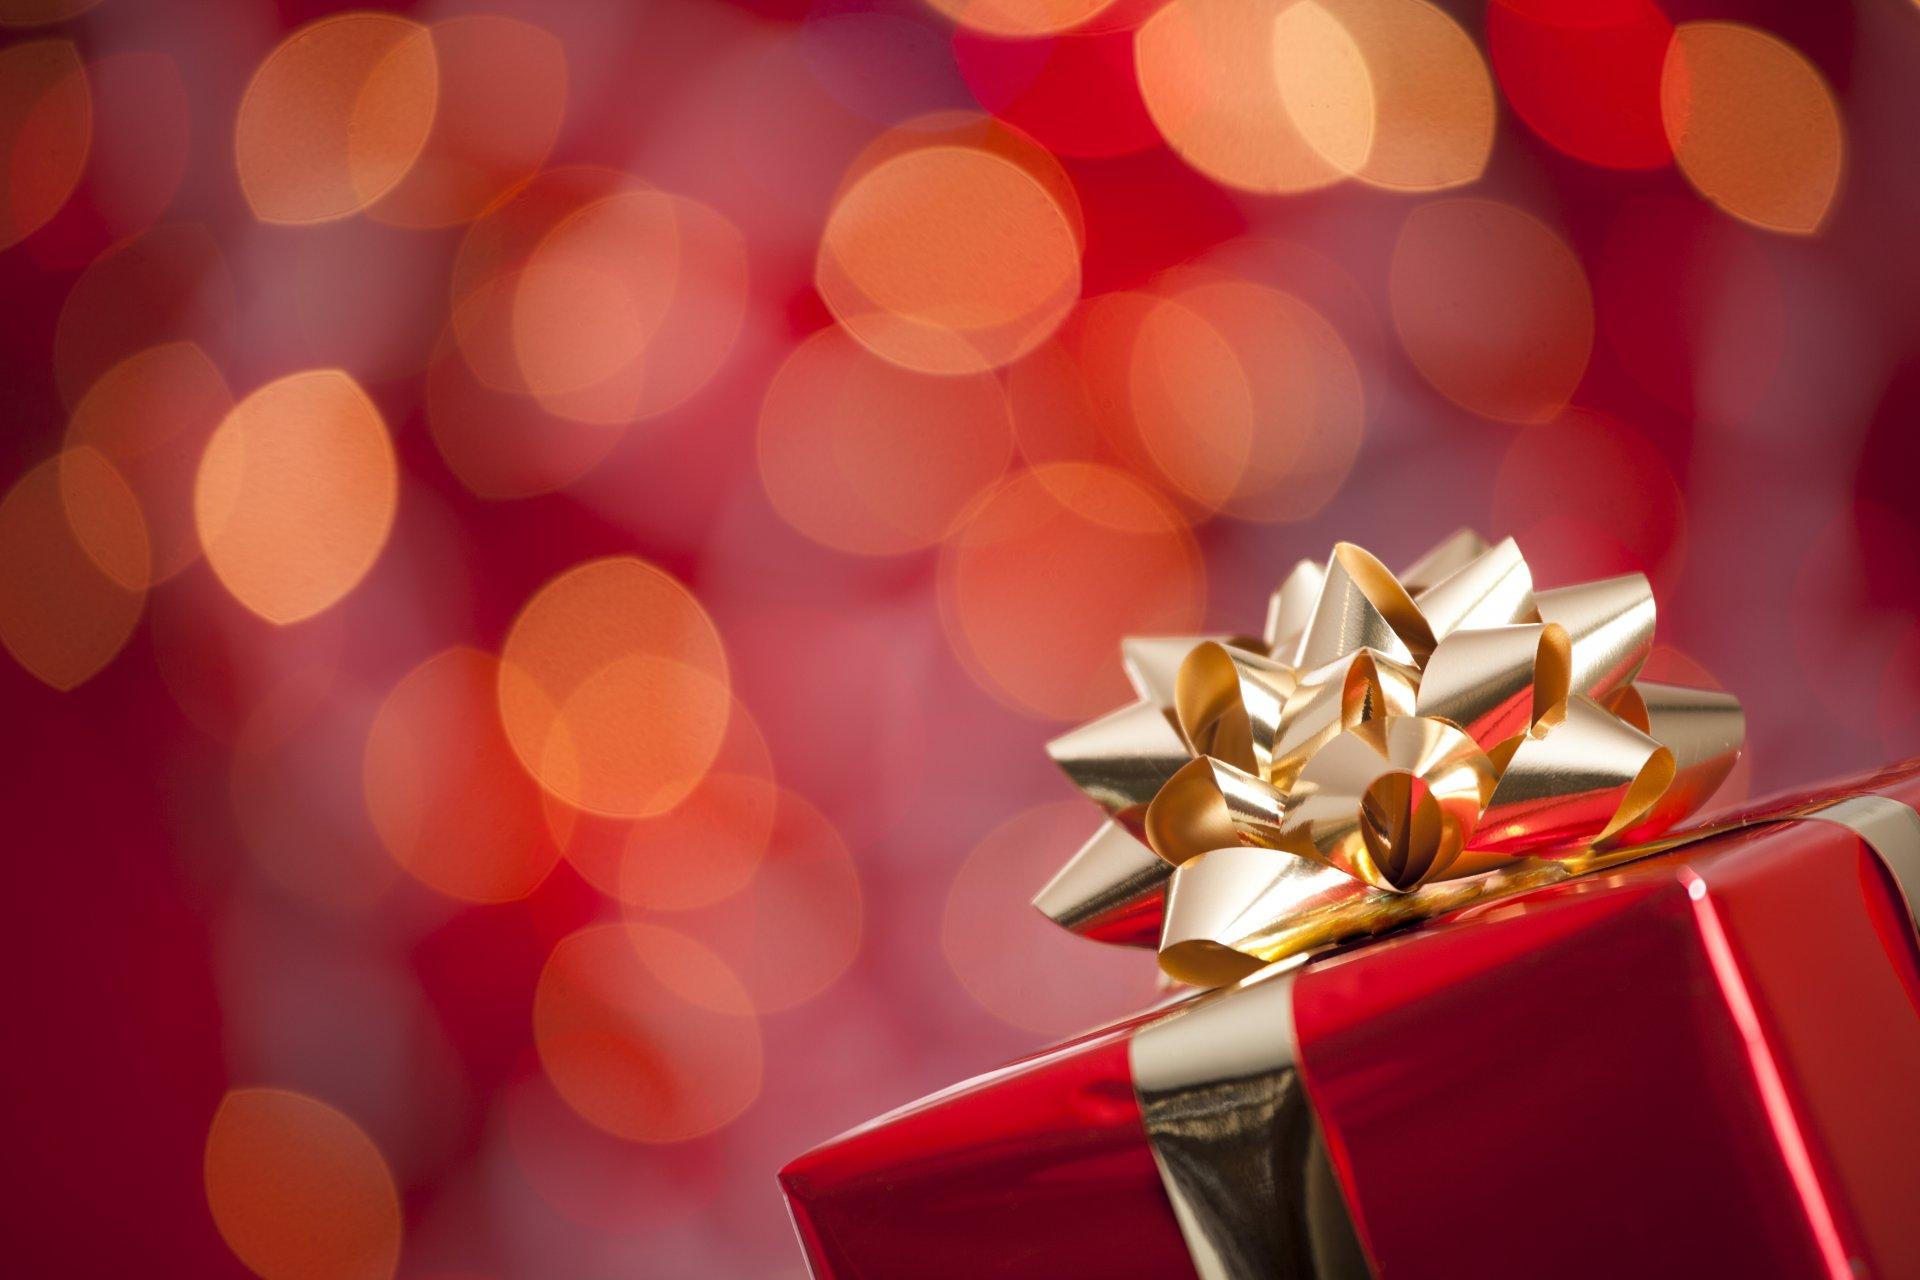 красный фон с подарками относятся базидиальной